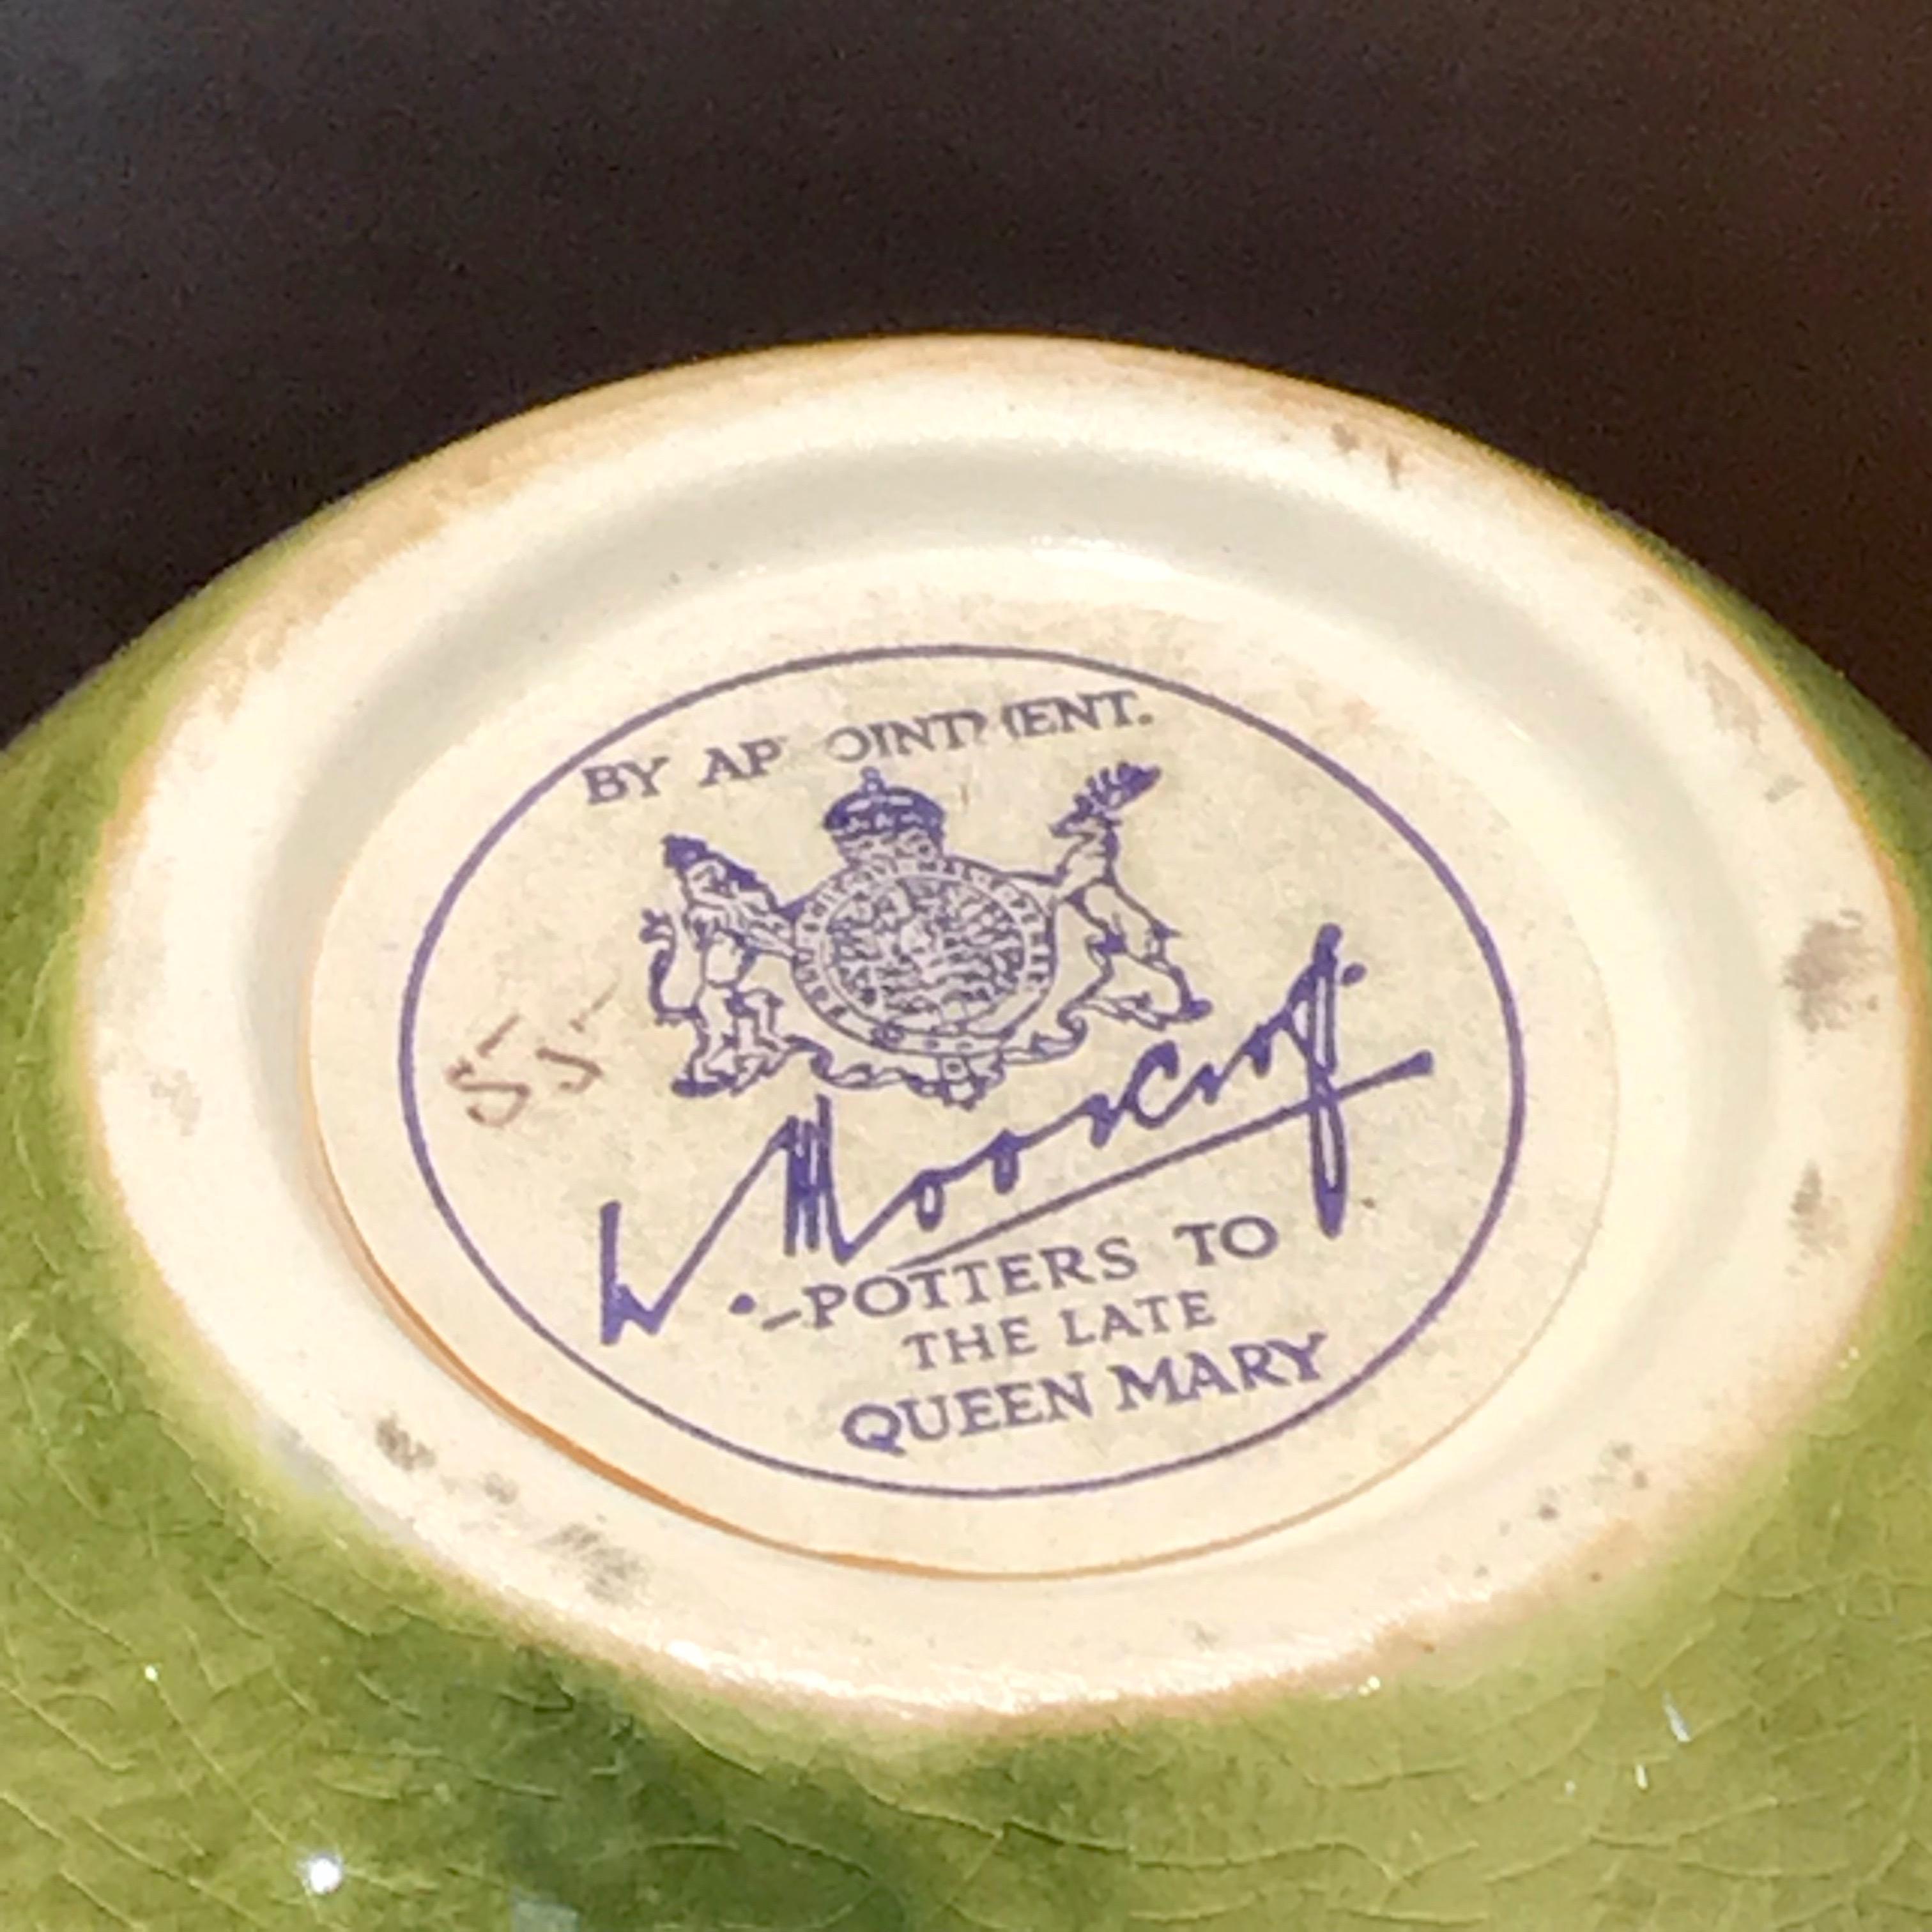 Walter Moorcroft Hibiscus Vase - Ceramics - Hemswell Antique